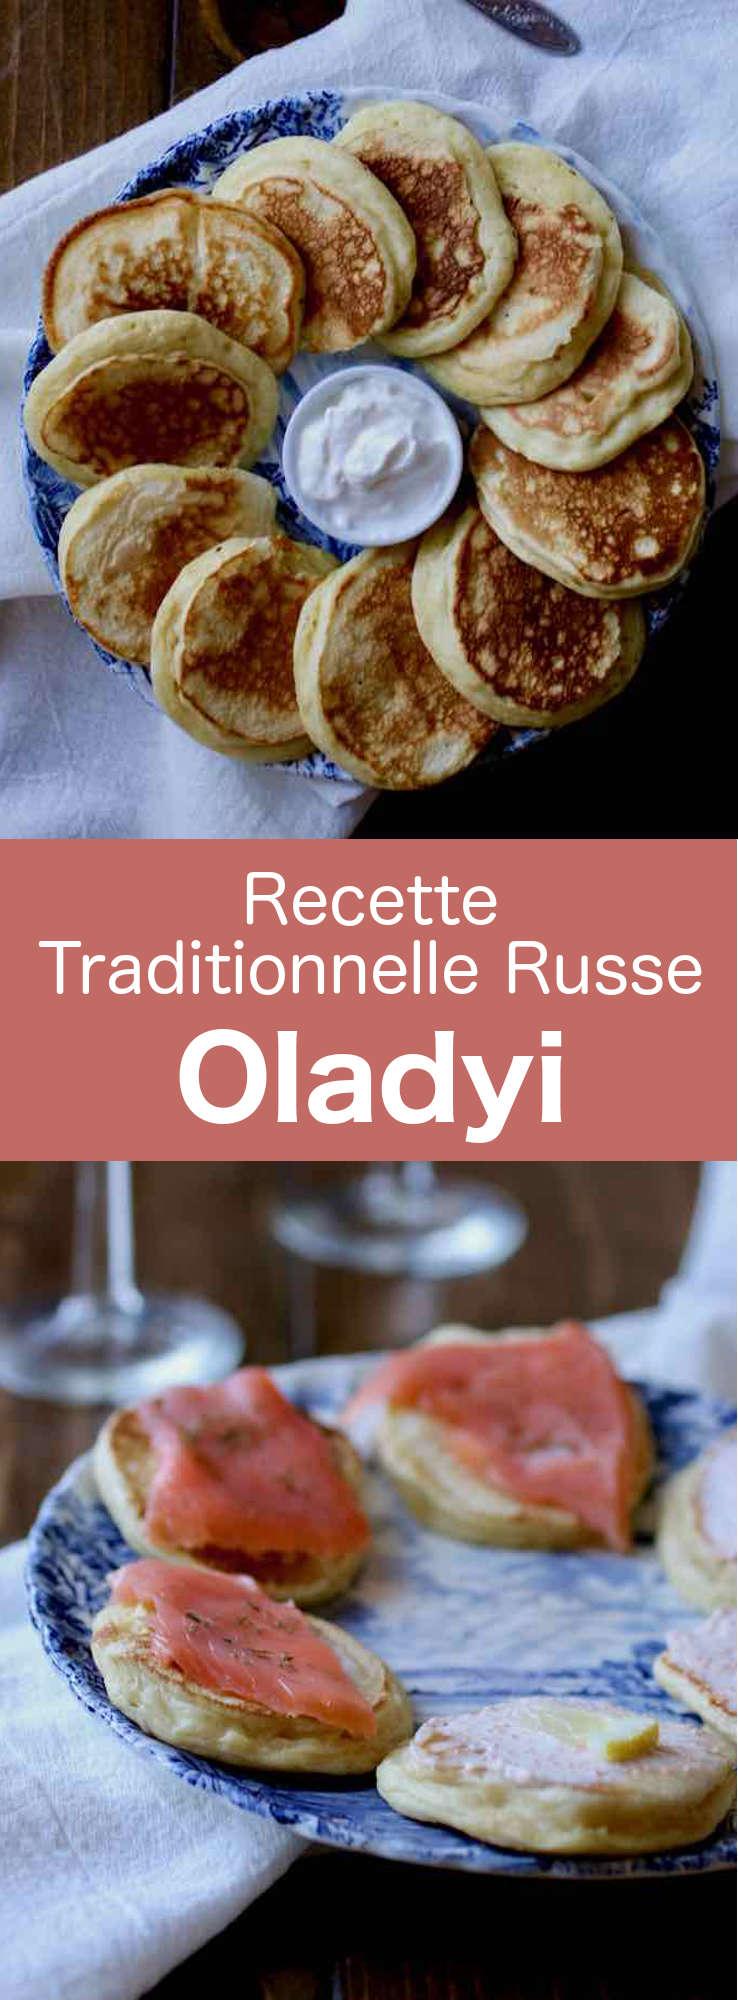 Les oladyi sont de petites crêpes épaisses, souvent servies sucrées, qui sont traditionnelles des cuisines russe, ukrainienne et biélorusse. #Russie #Bélarussie #Ukraine #CuisineDuMonde #196flavors